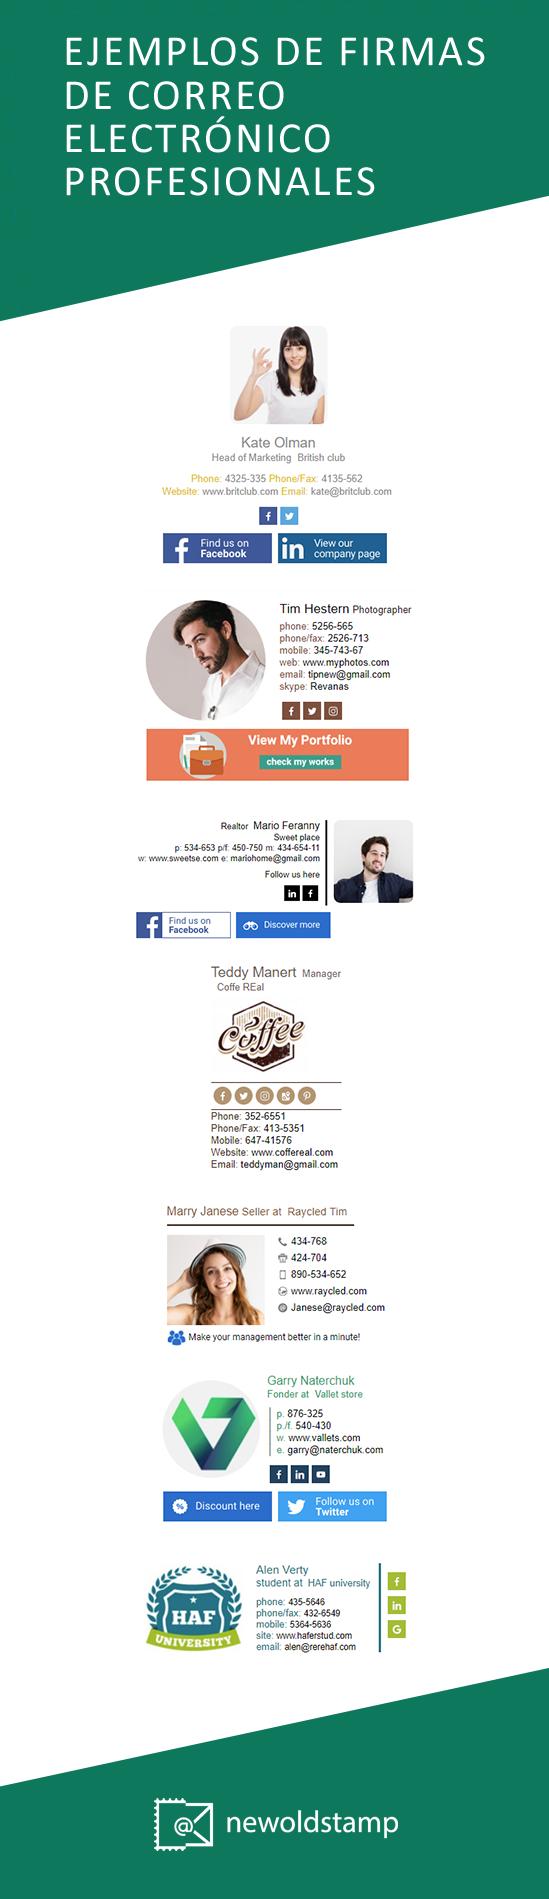 Ejemplos de firmas de correo electrónico profesionales